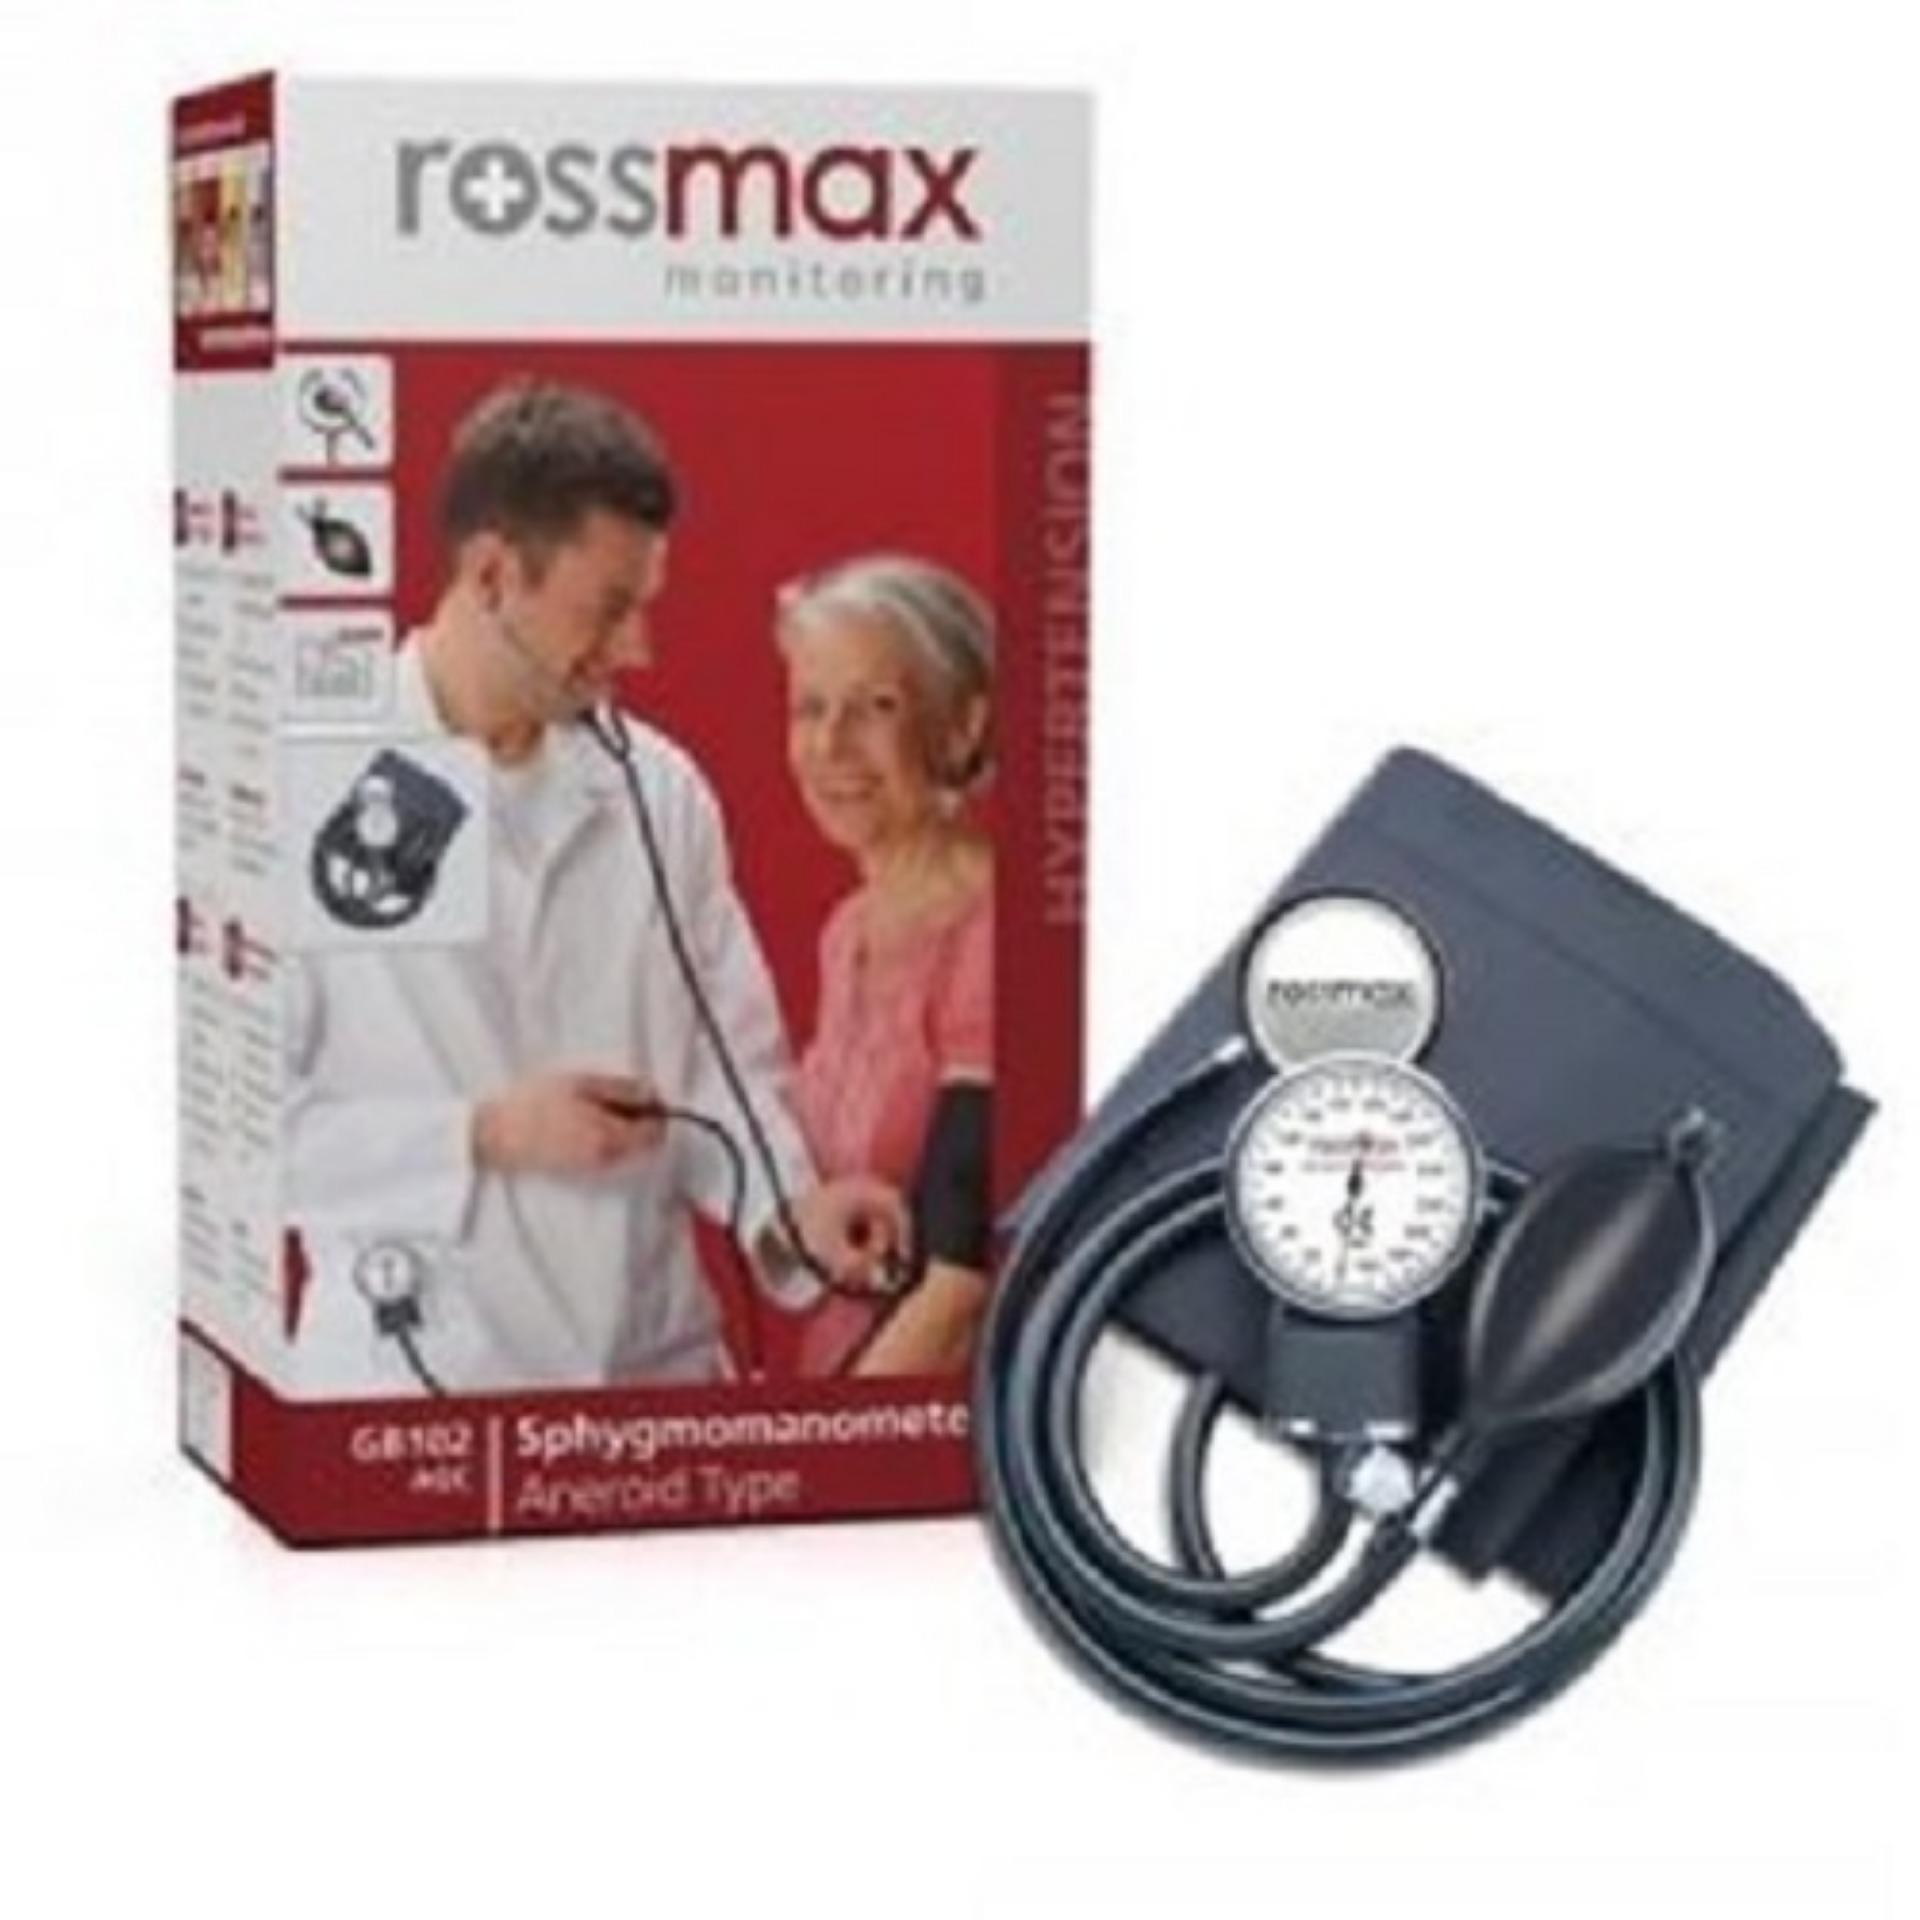 Hình ảnh Máy Đo Huyết Áp Cơ - Rossmax USA